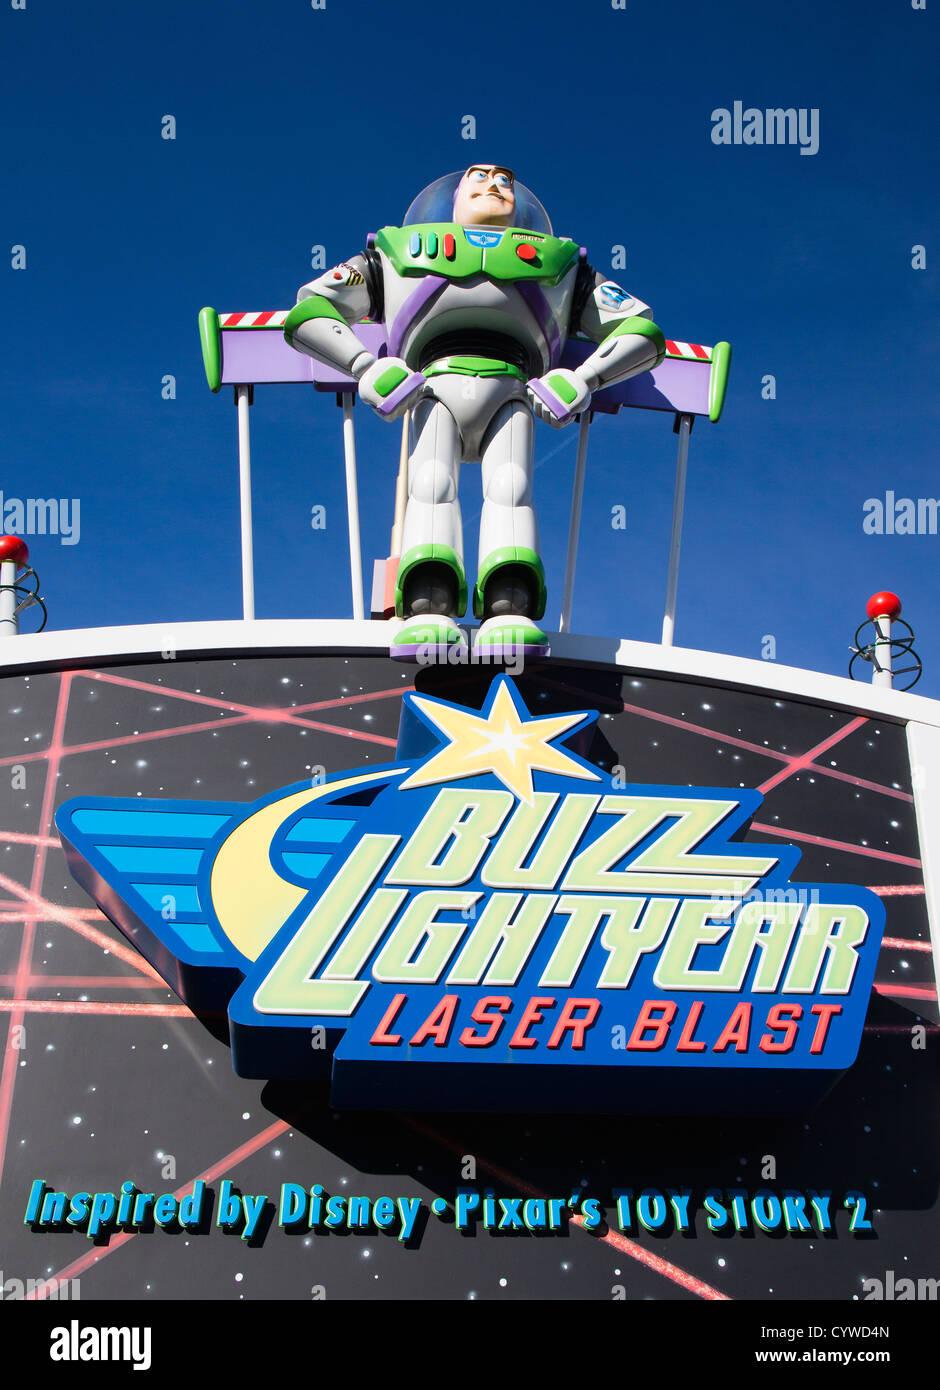 Buzz Lightyear Laser Blast Ride At Disneyland Paris Euro